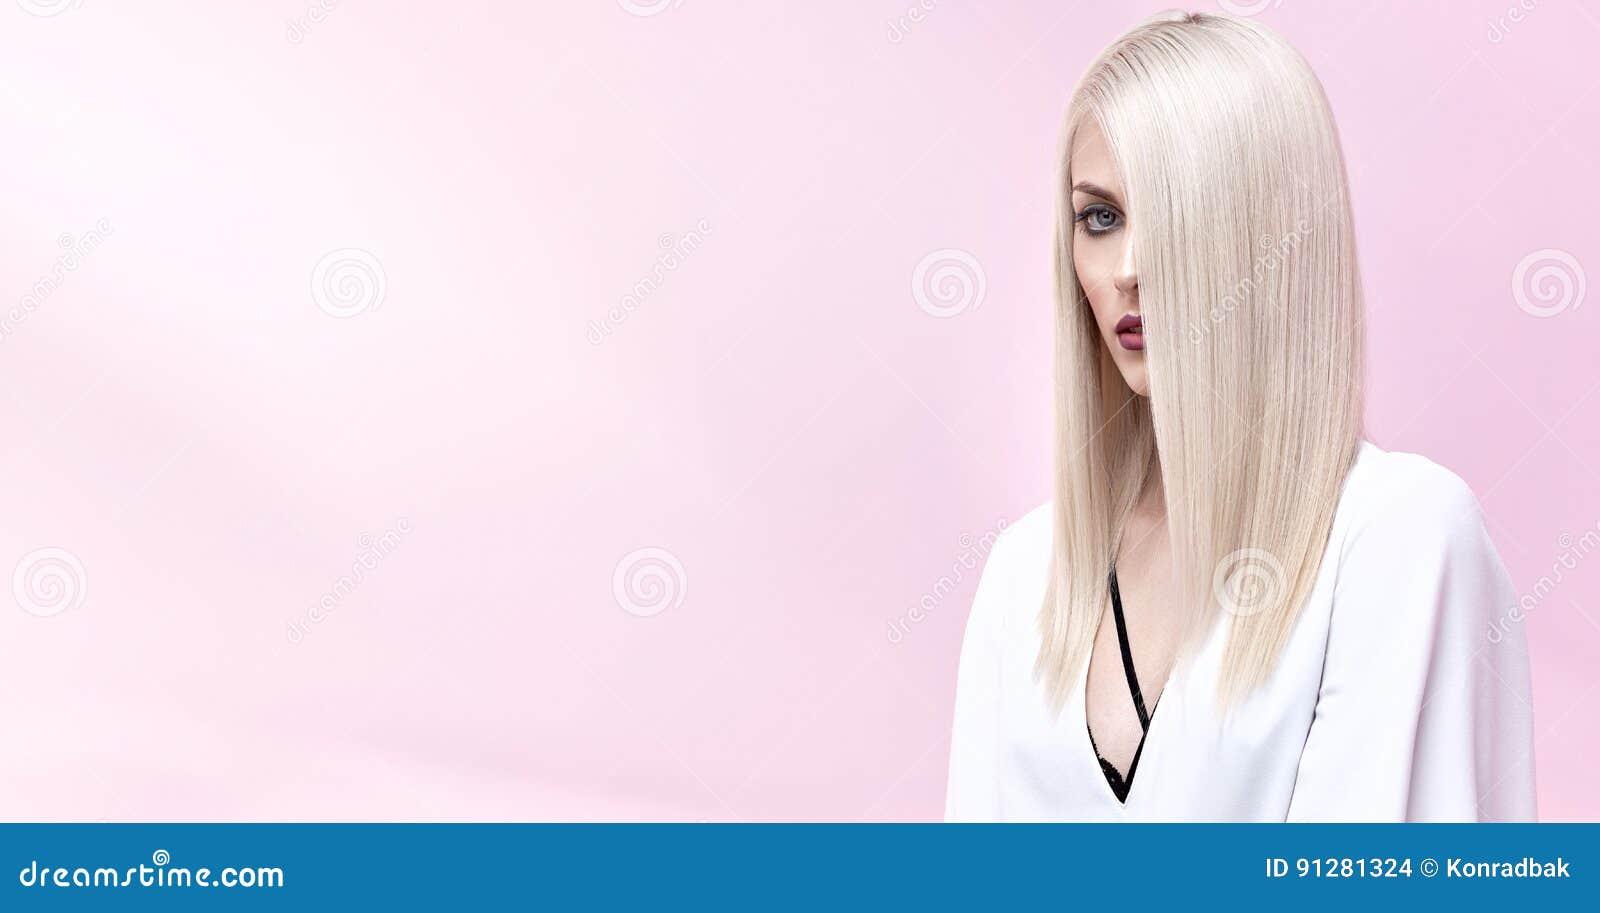 Stående av en elegant blond kvinna